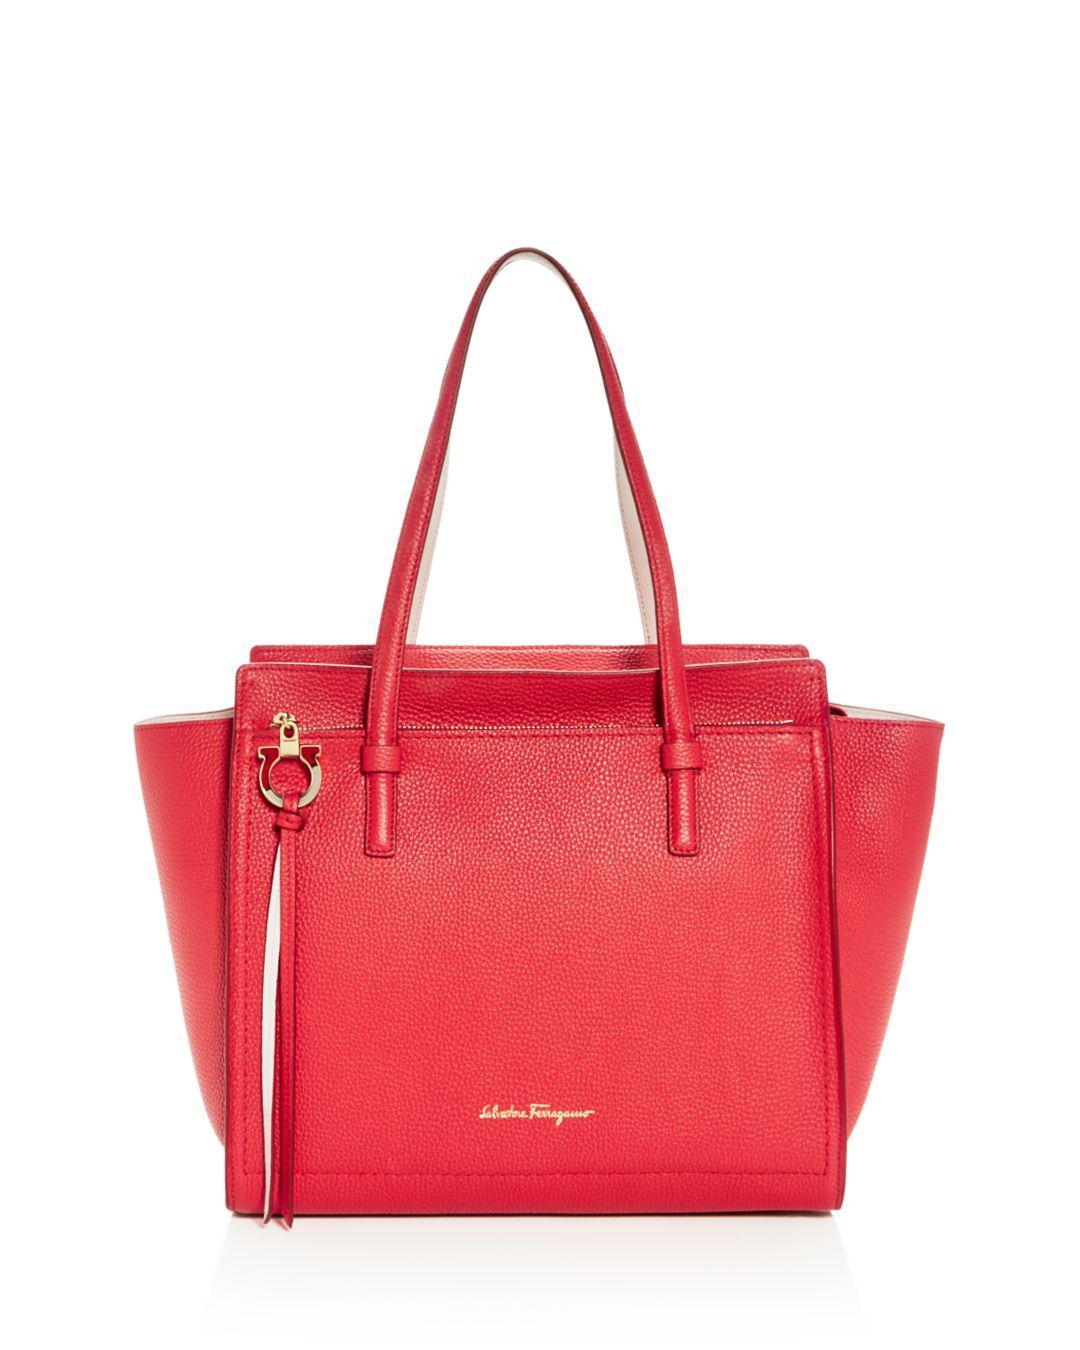 9a8708fa74 Lyst - Ferragamo Amy Medium Leather Shoulder Bag in Red